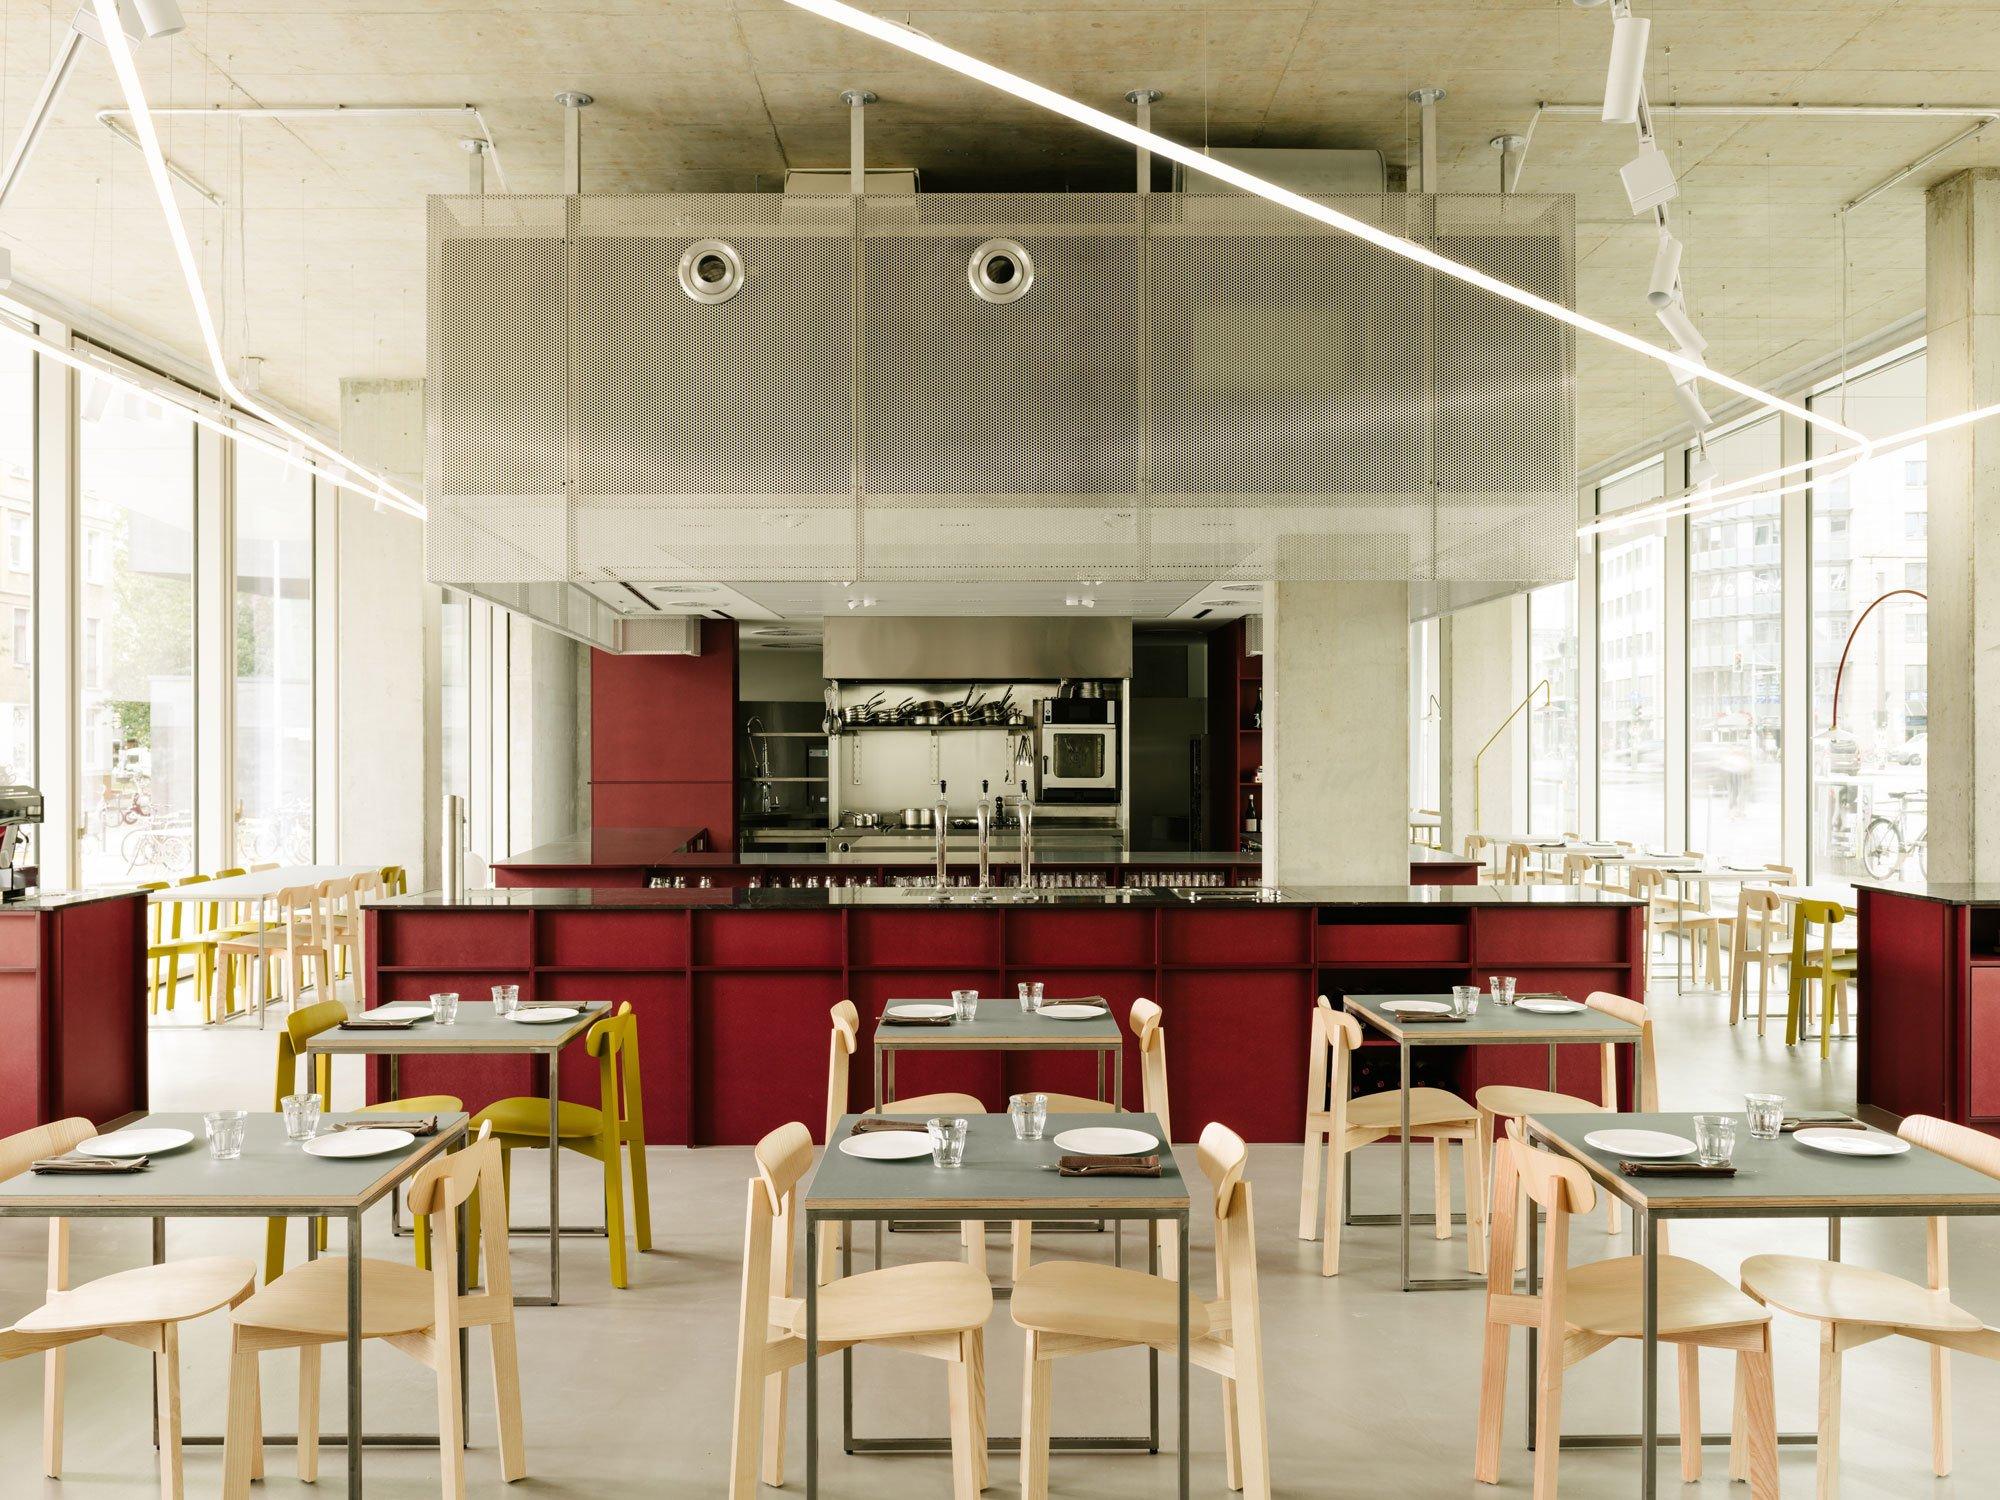 Zwei Fensterfronten öffnen das Restaurant mit bodentiefen Scheiben zur Stadt. Zwischen beiden Seiten spannt sich eine offene Küche mit Korpussen aus rotem MDF.